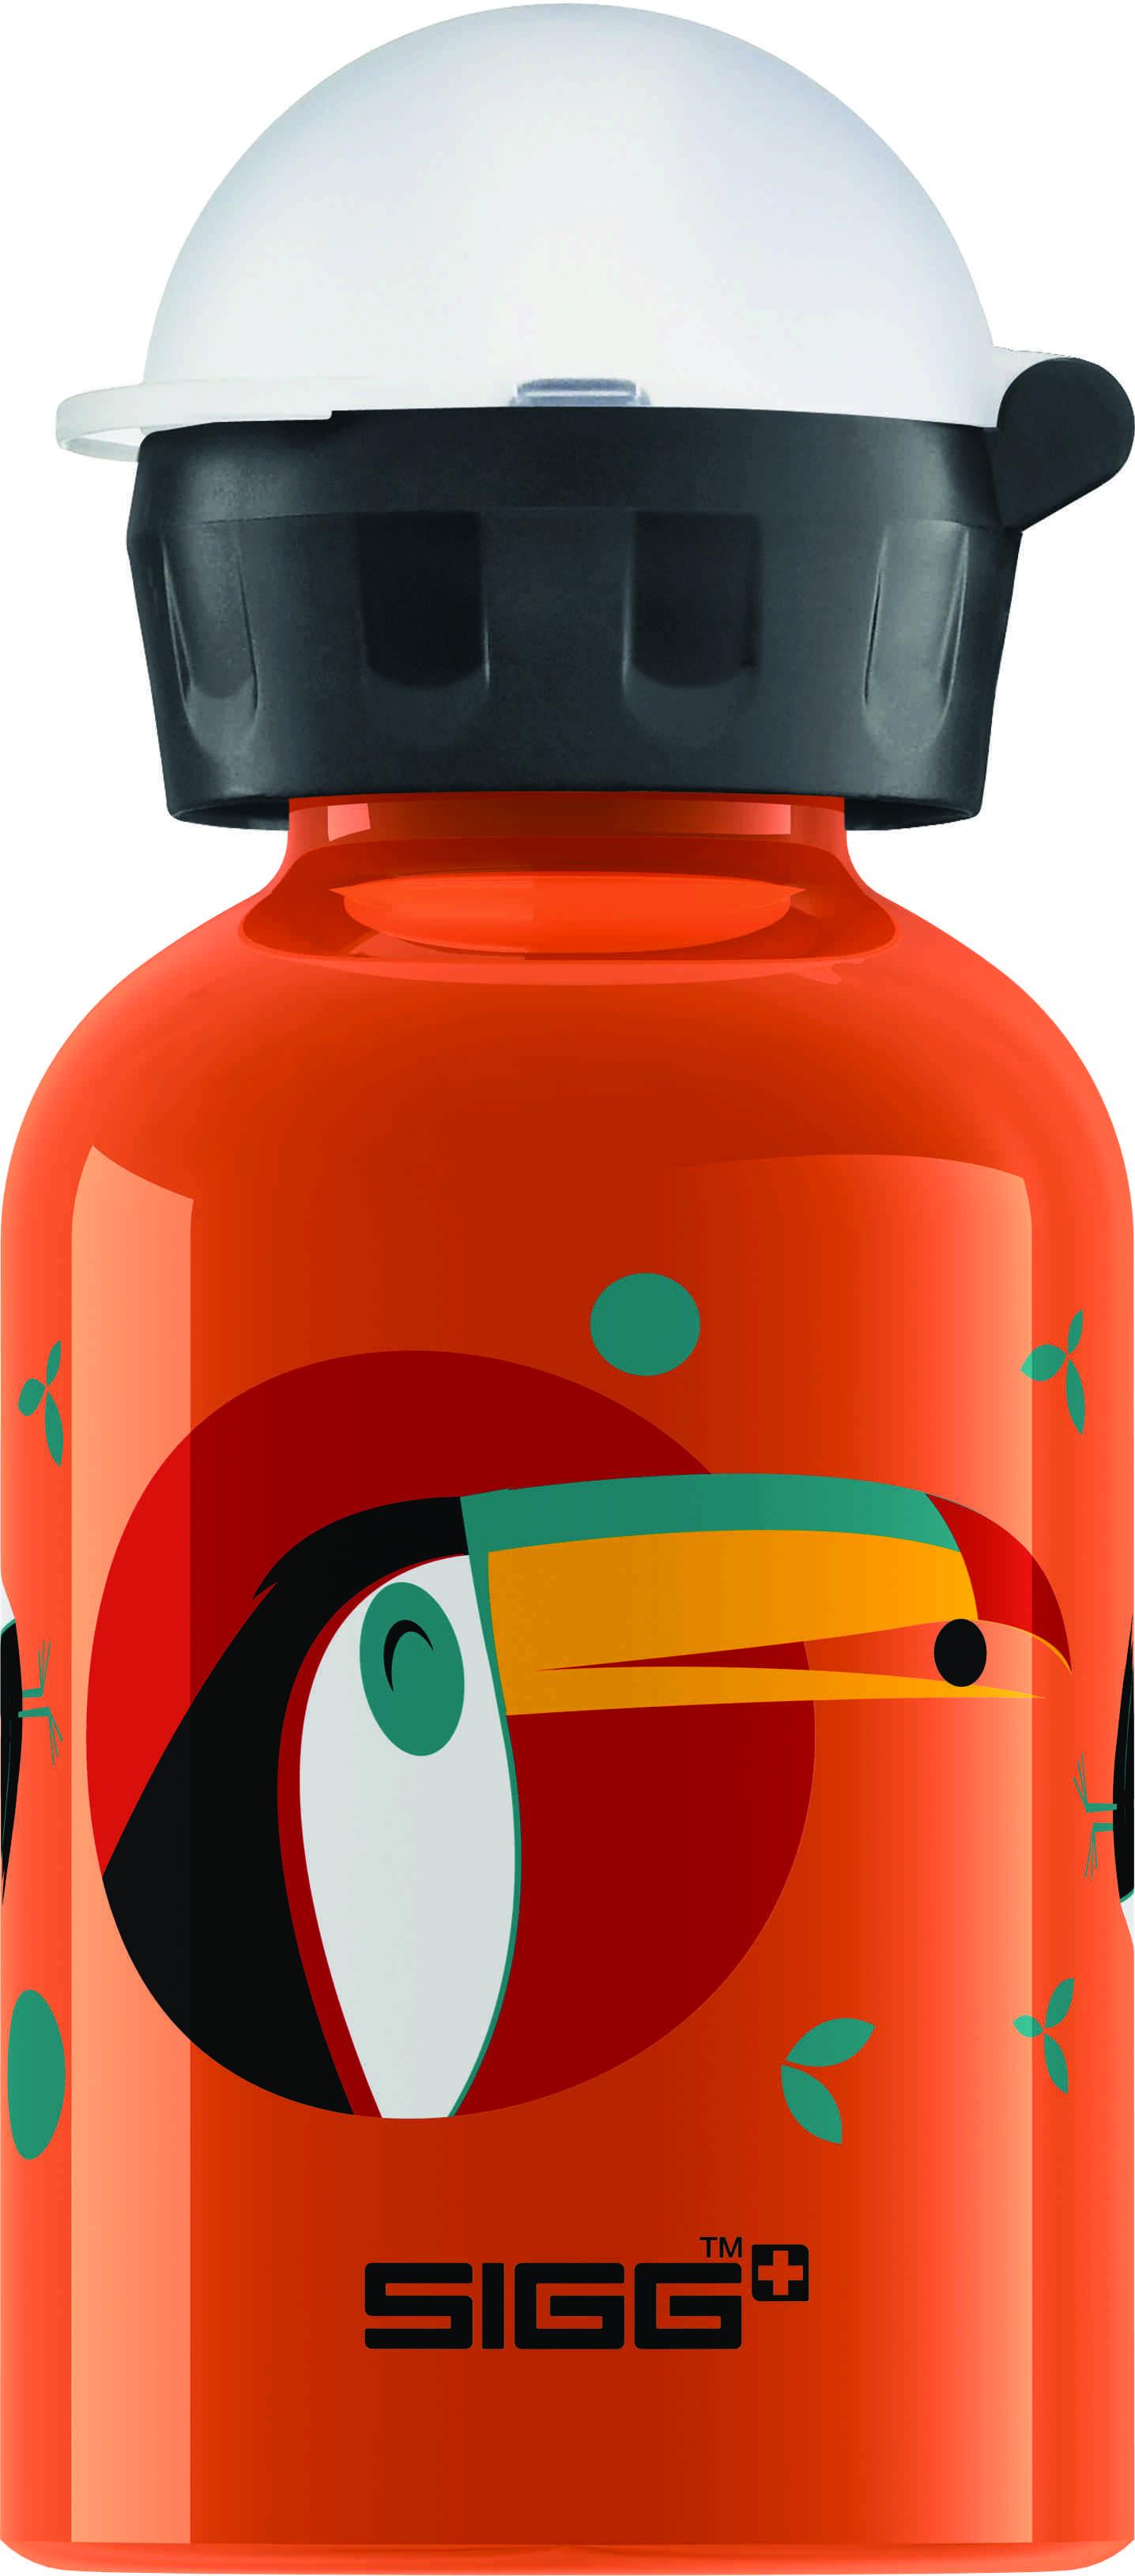 Da lacht der Urwald-Vogel. Sigg schützt zusammen mit Cuipo den Regenwald. Foto: (c) SIGG